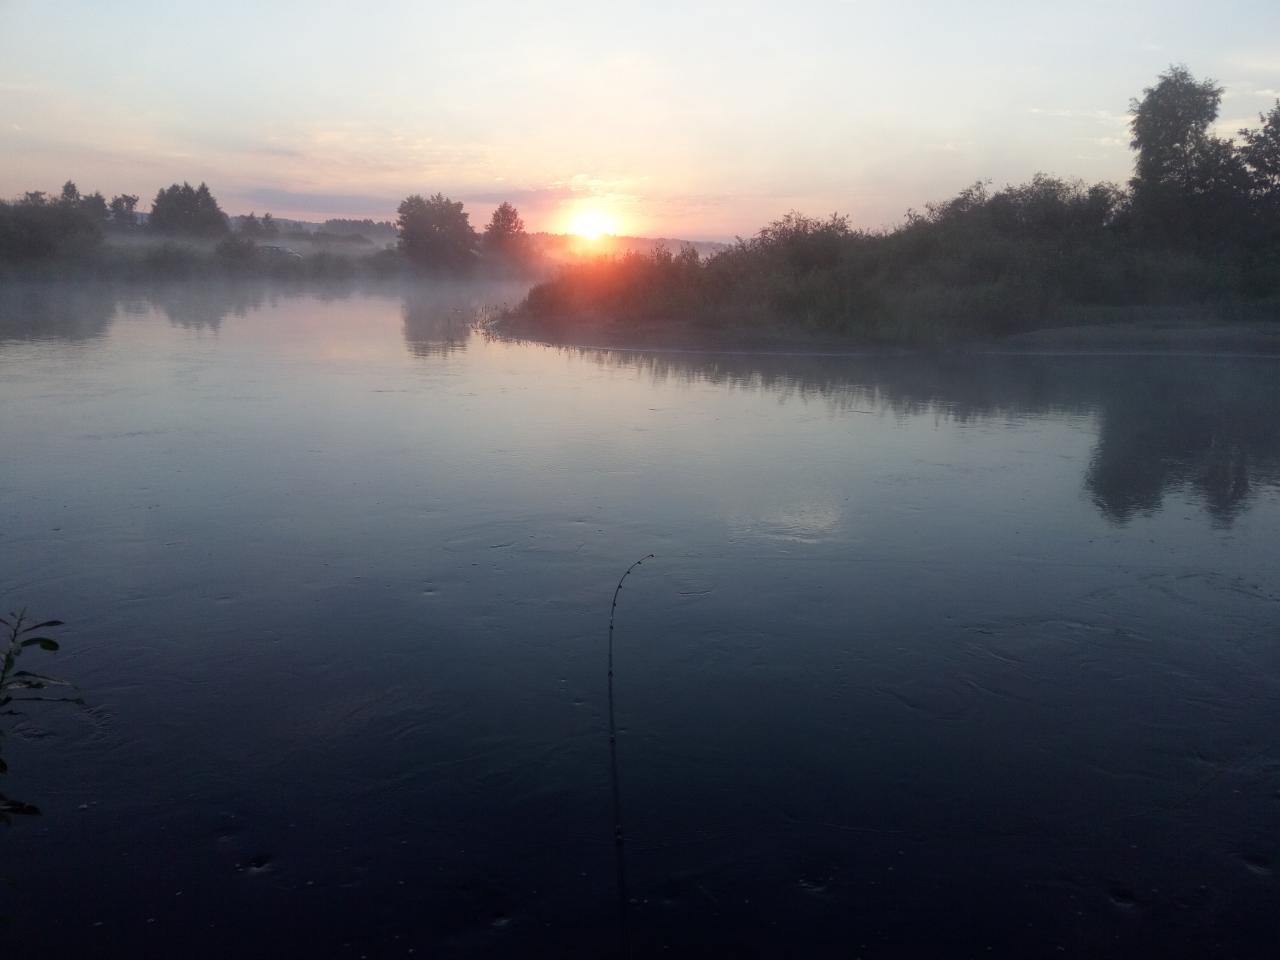 dguzeppeВчерашний вечерний звонок друга-форумчанина растревожил душу. Виталик CeVita ... | Отчеты о рыбалке в Беларуси